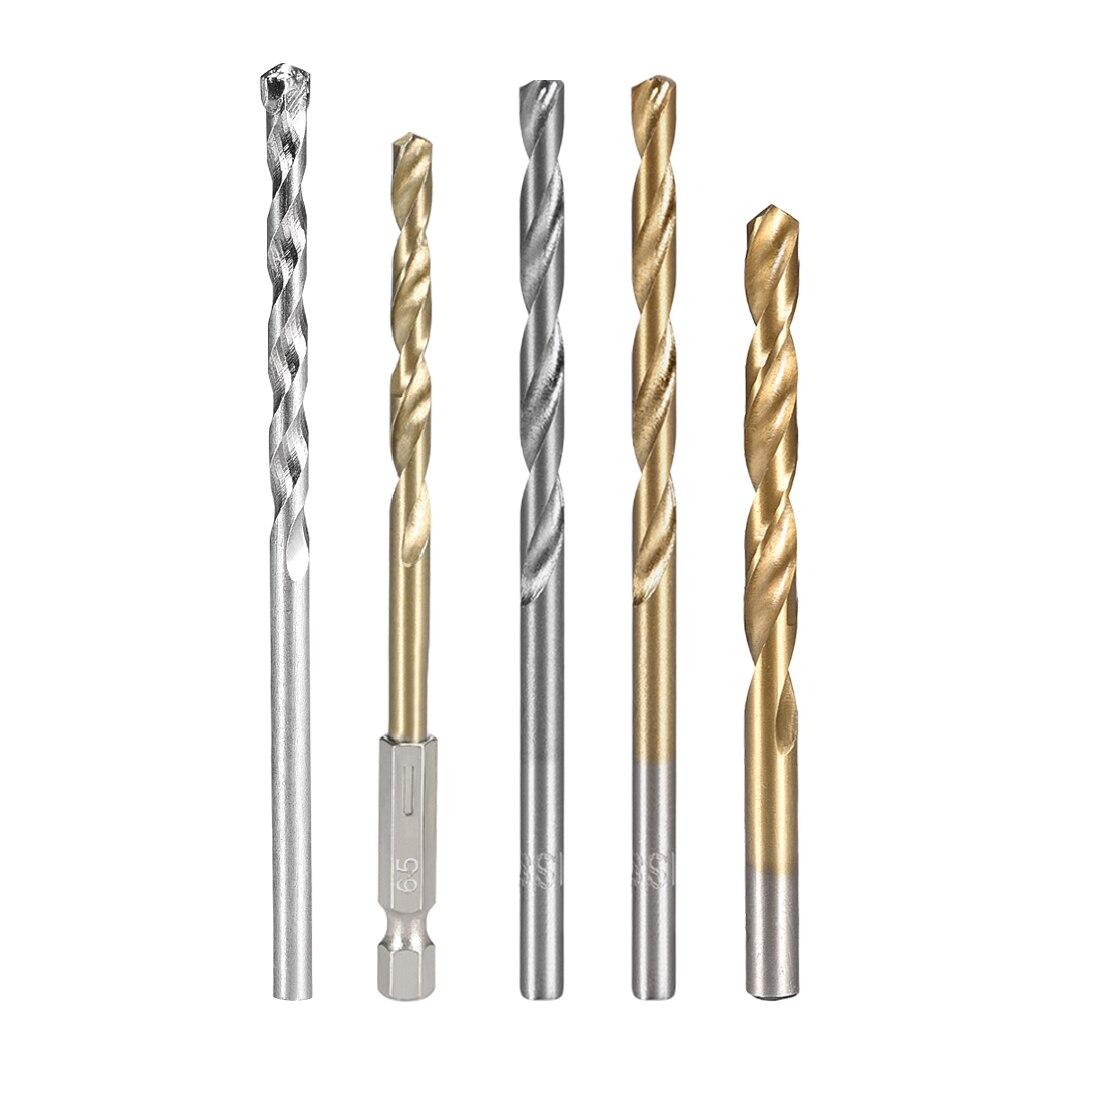 Uxcell 1-2 Set 1.5mm-6.5mm/1mm-10mm Drilling Dia HSS Twist Drill Bit Set Titanium Coating Straight Shank Spiral Rotary Tool